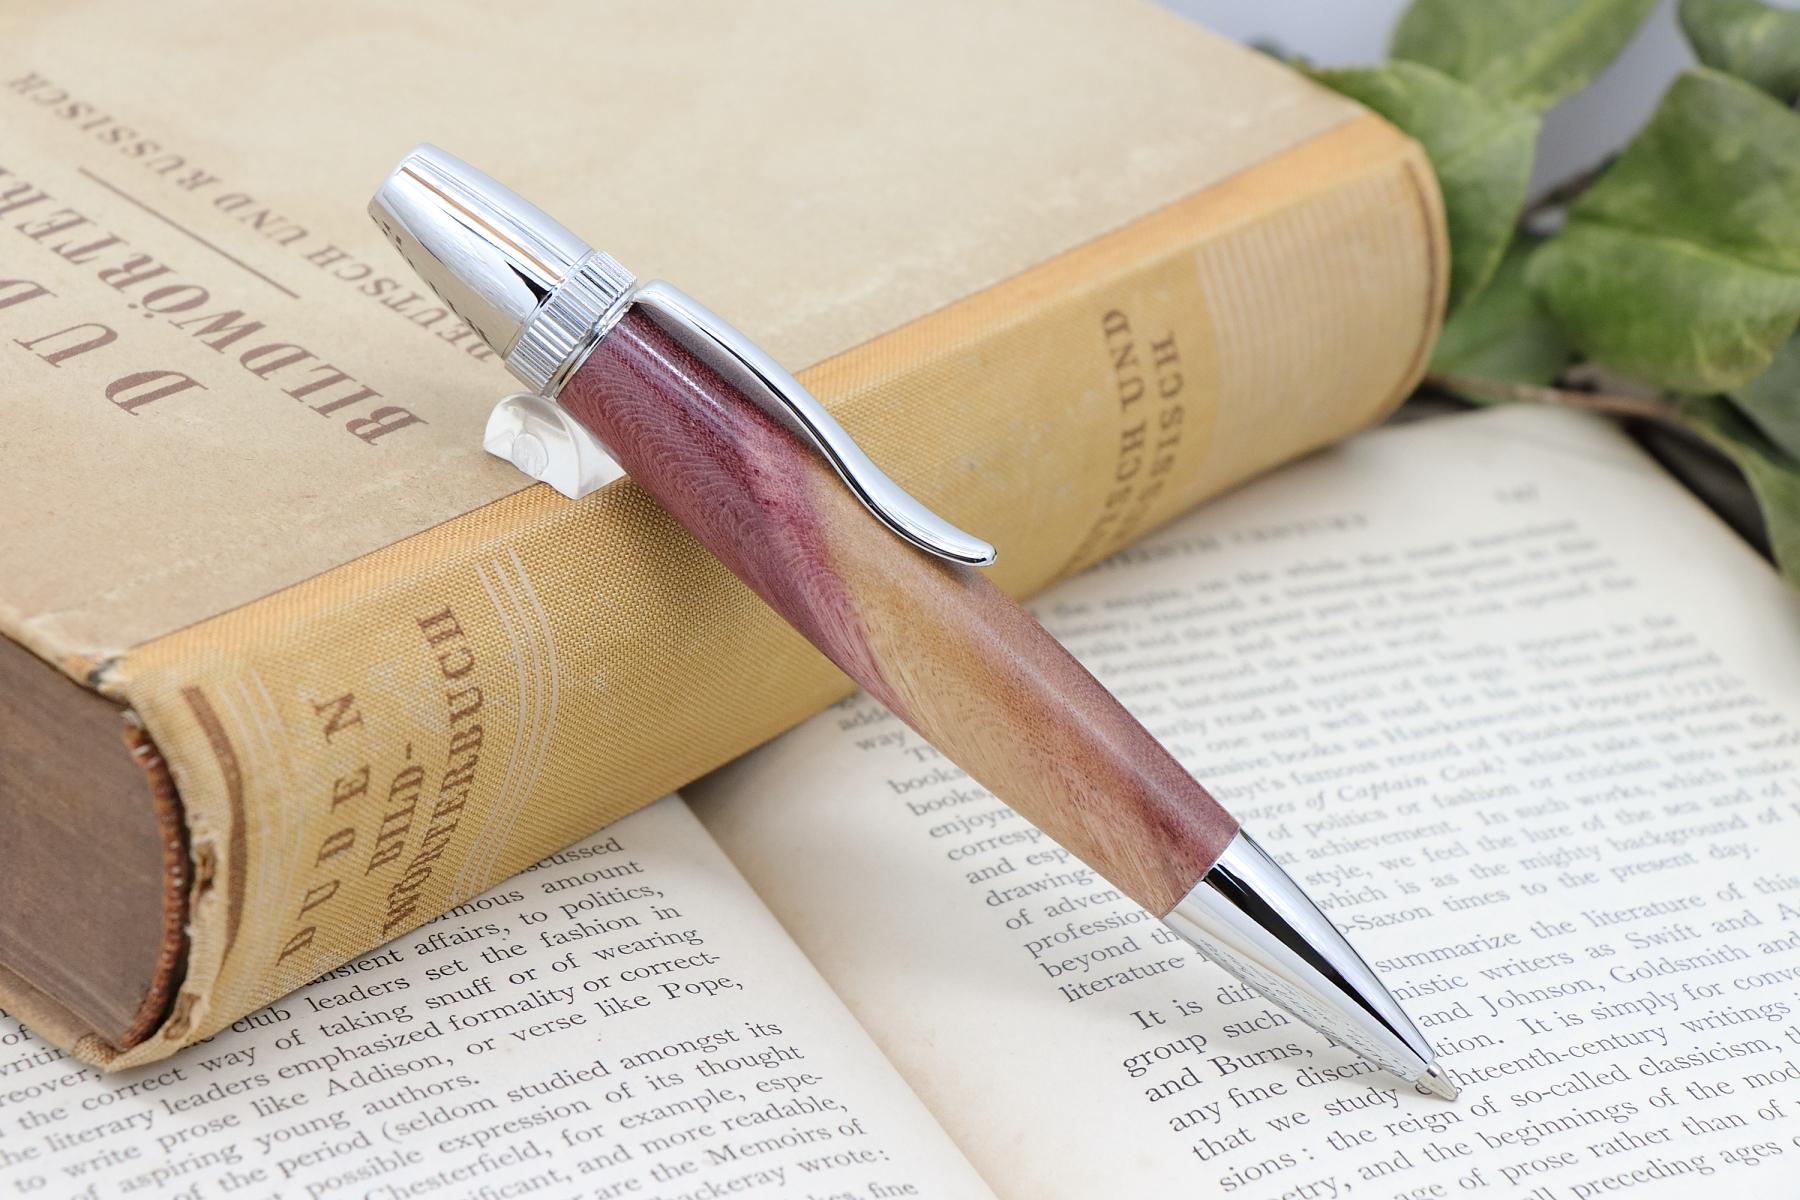 お知らせ:【Chouette】シリーズに木のペンの新作を多数追加いたしました。